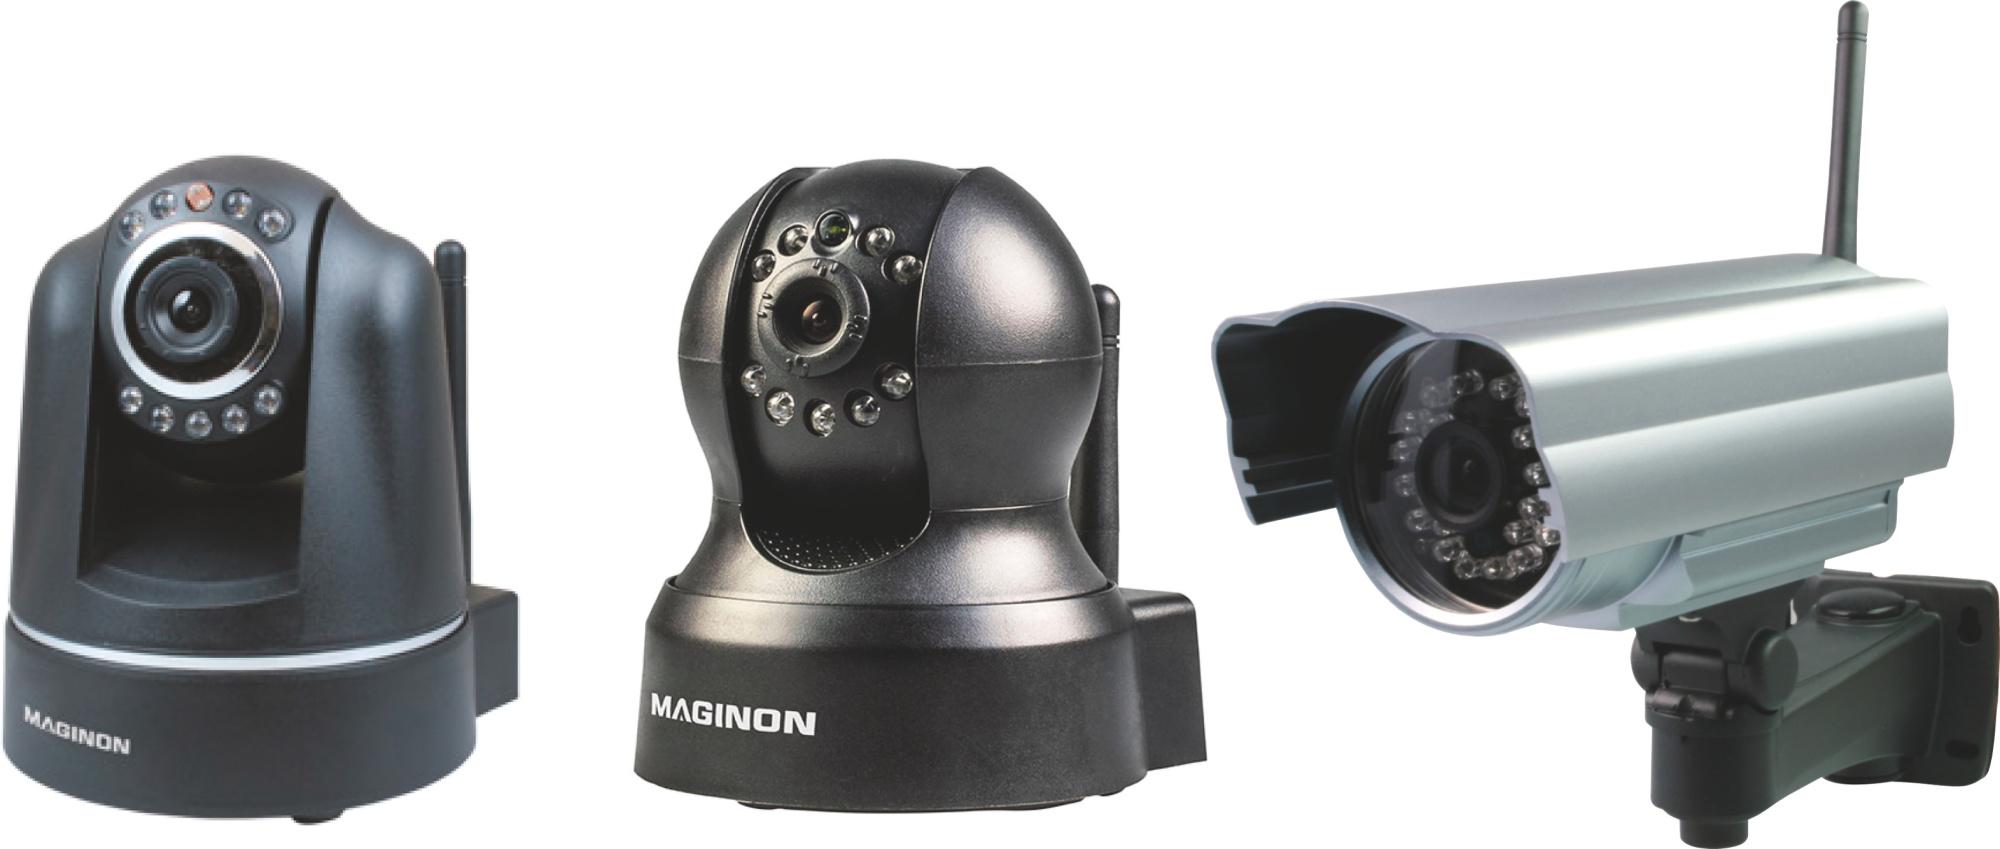 Weiterhin etliche IP-Kameras von Aldi unzureichend geschützt   heise